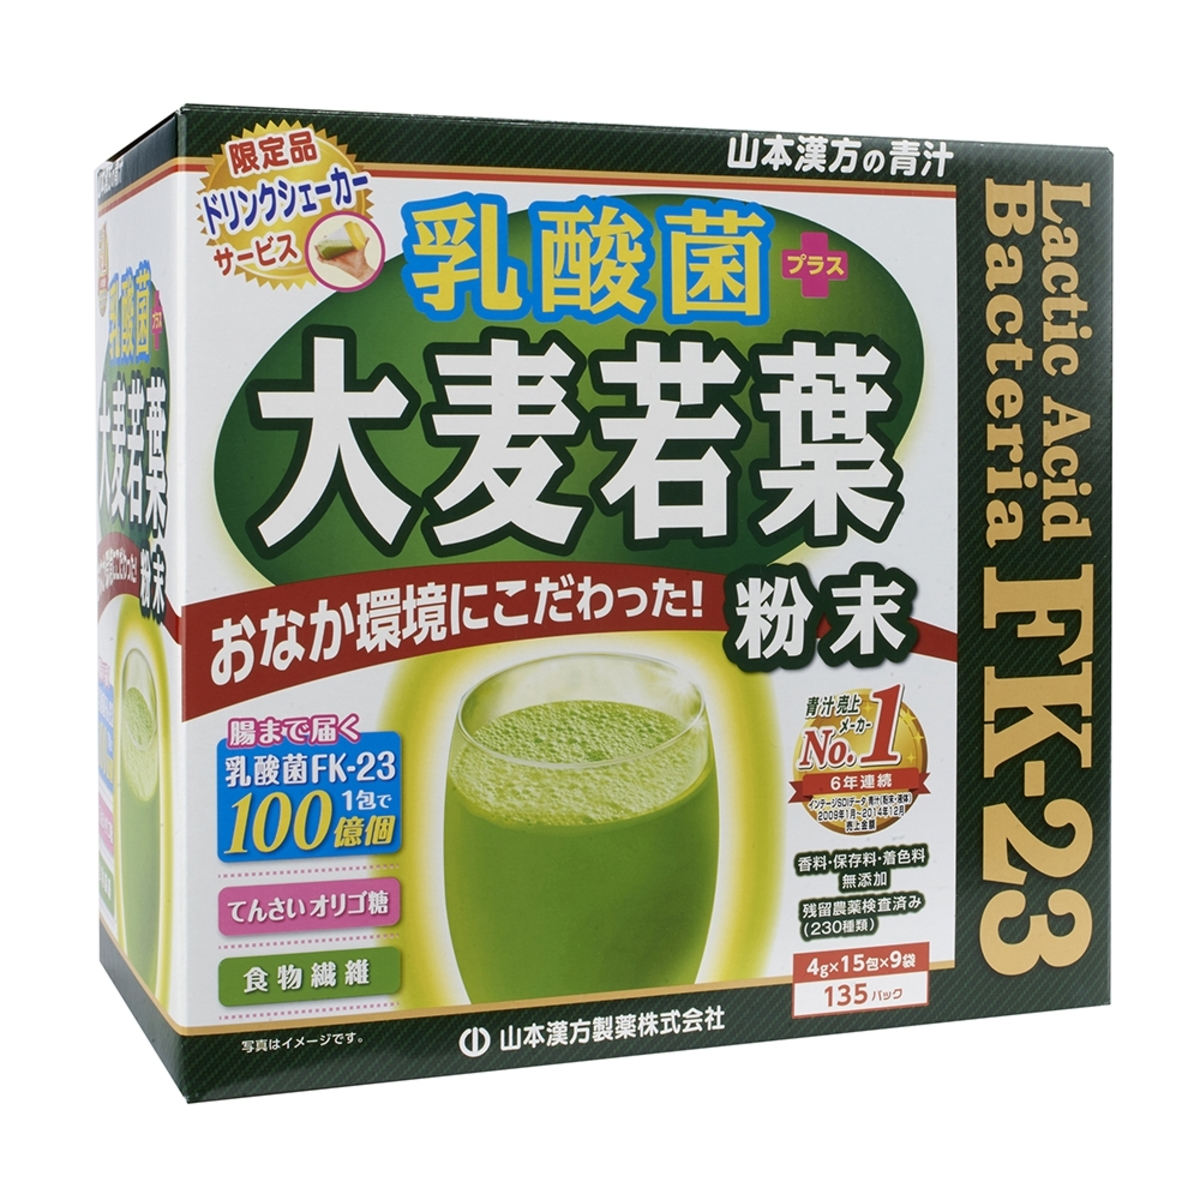 山本漢方大麥若葉粉末+乳酸菌 135包